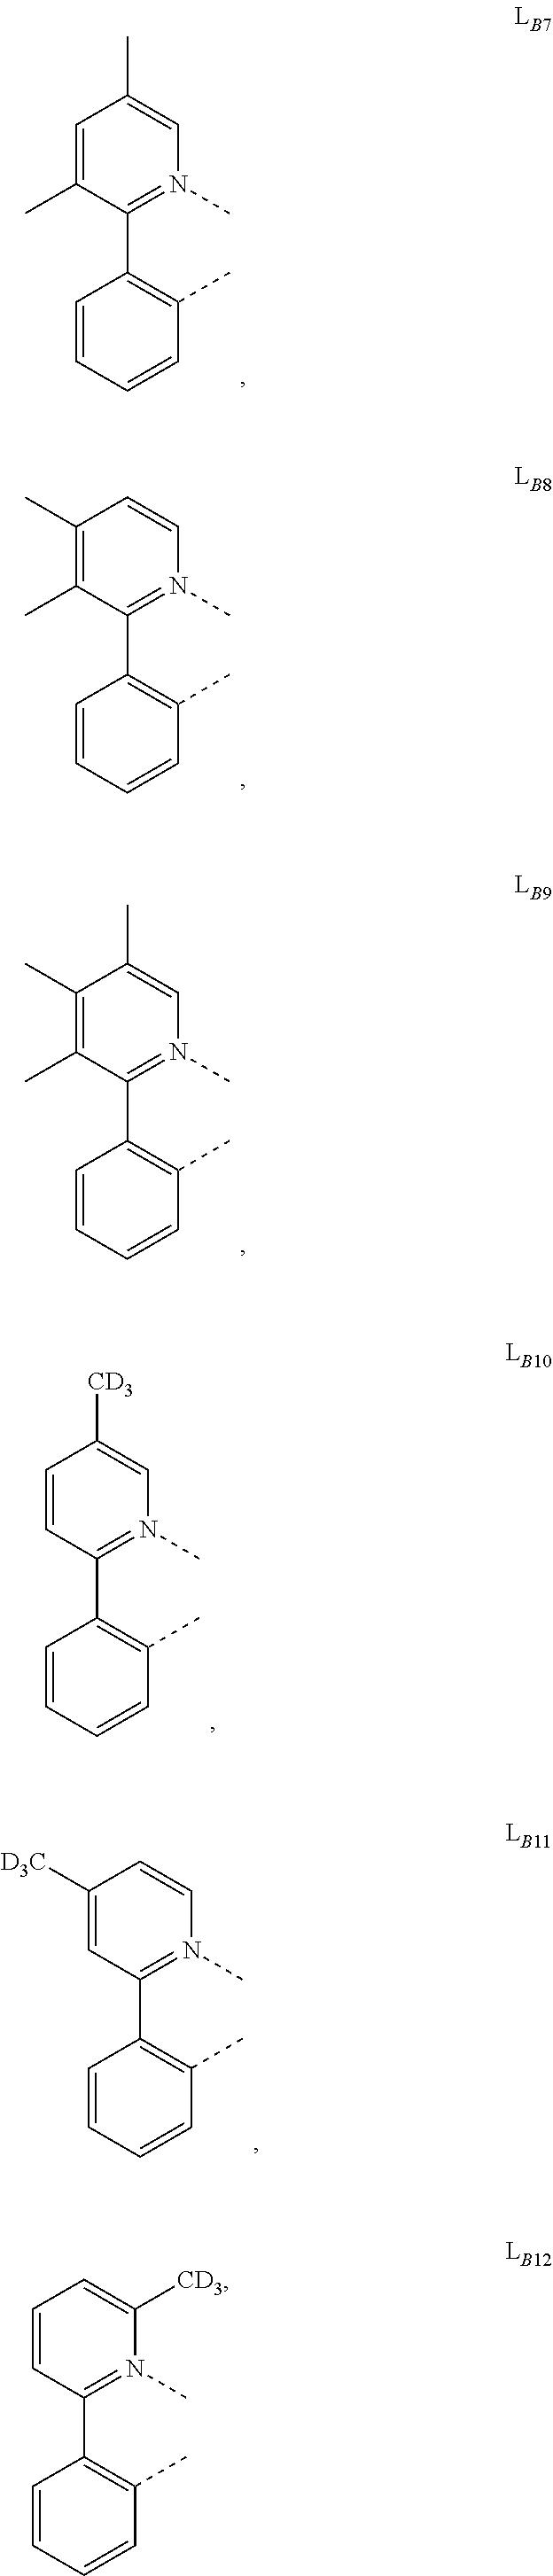 Figure US09691993-20170627-C00305